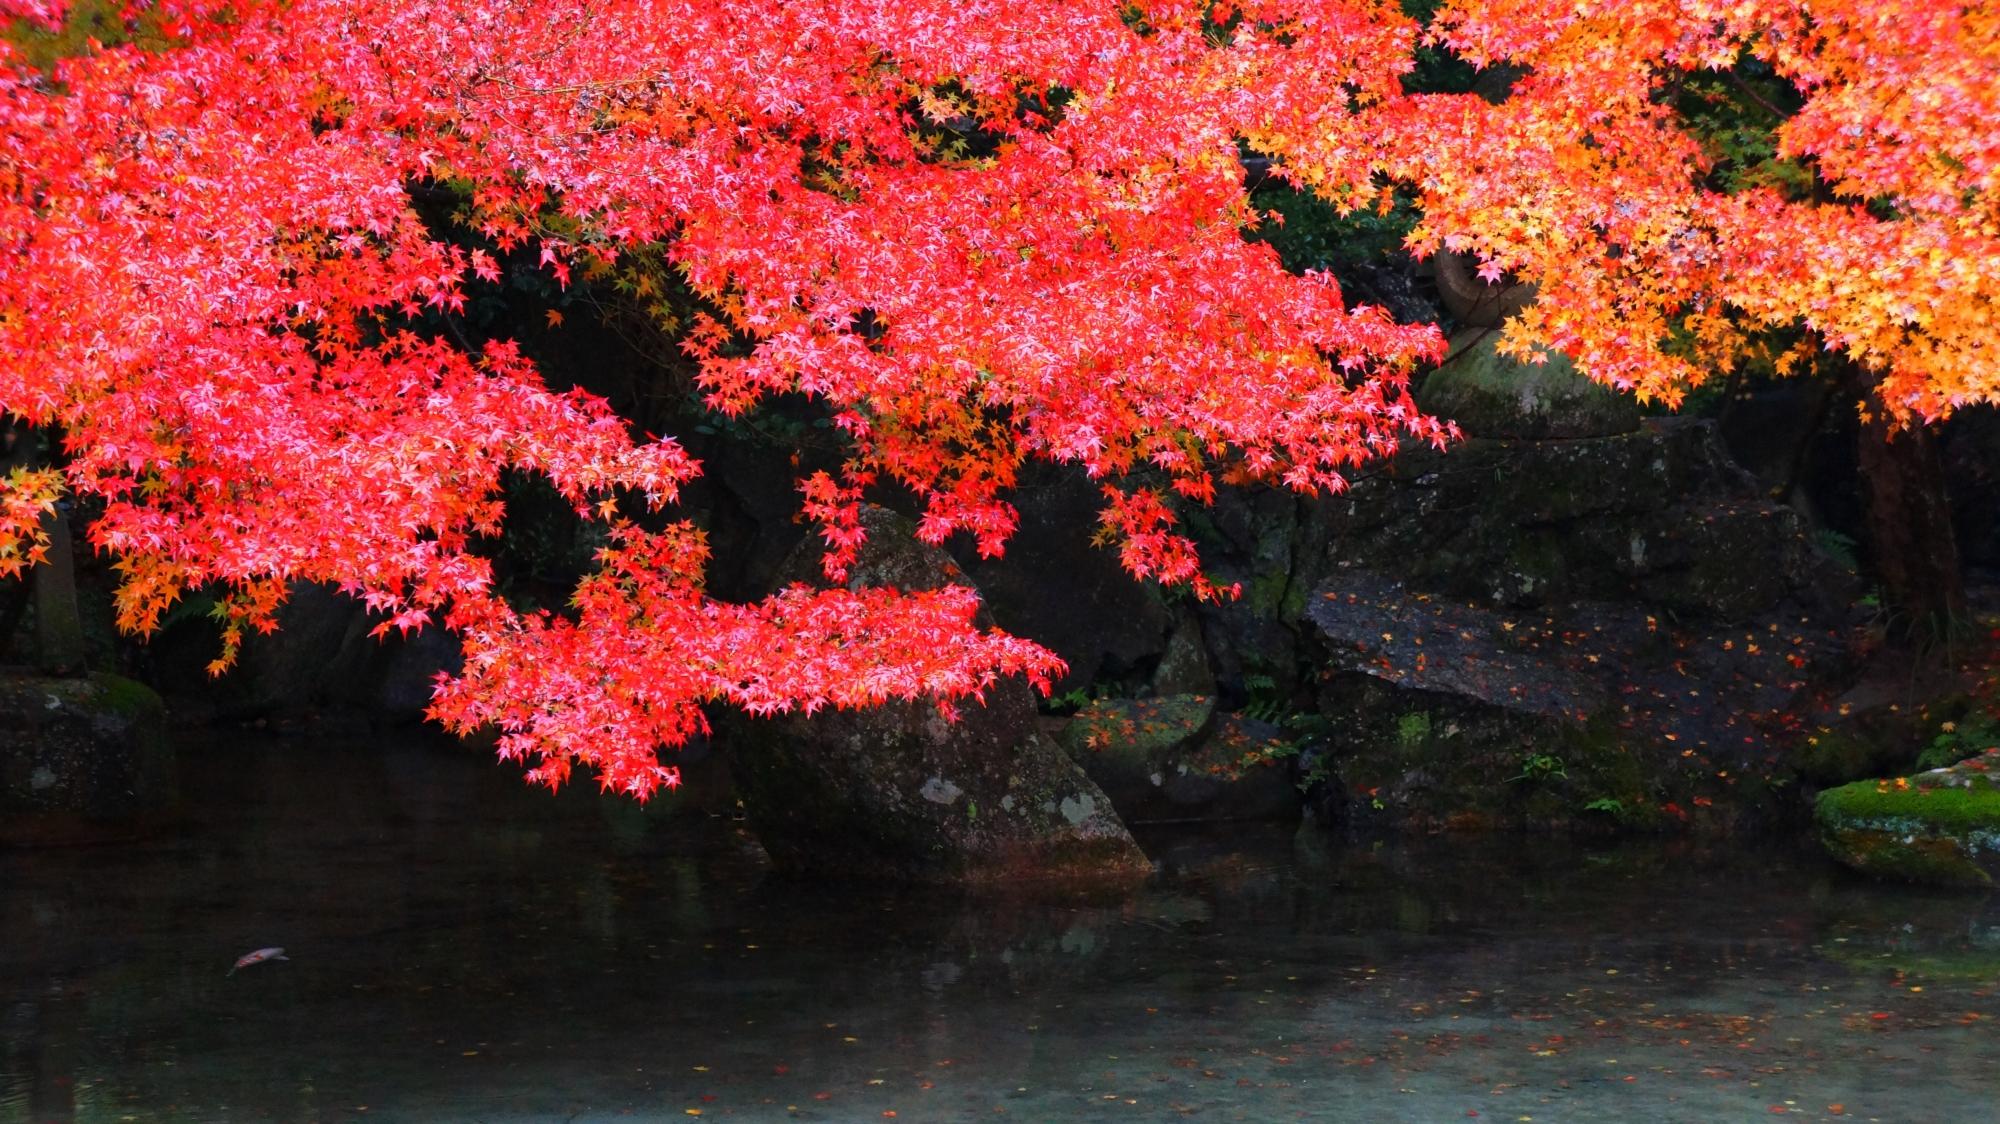 蓮華寺の池泉庭園の赤い紅葉